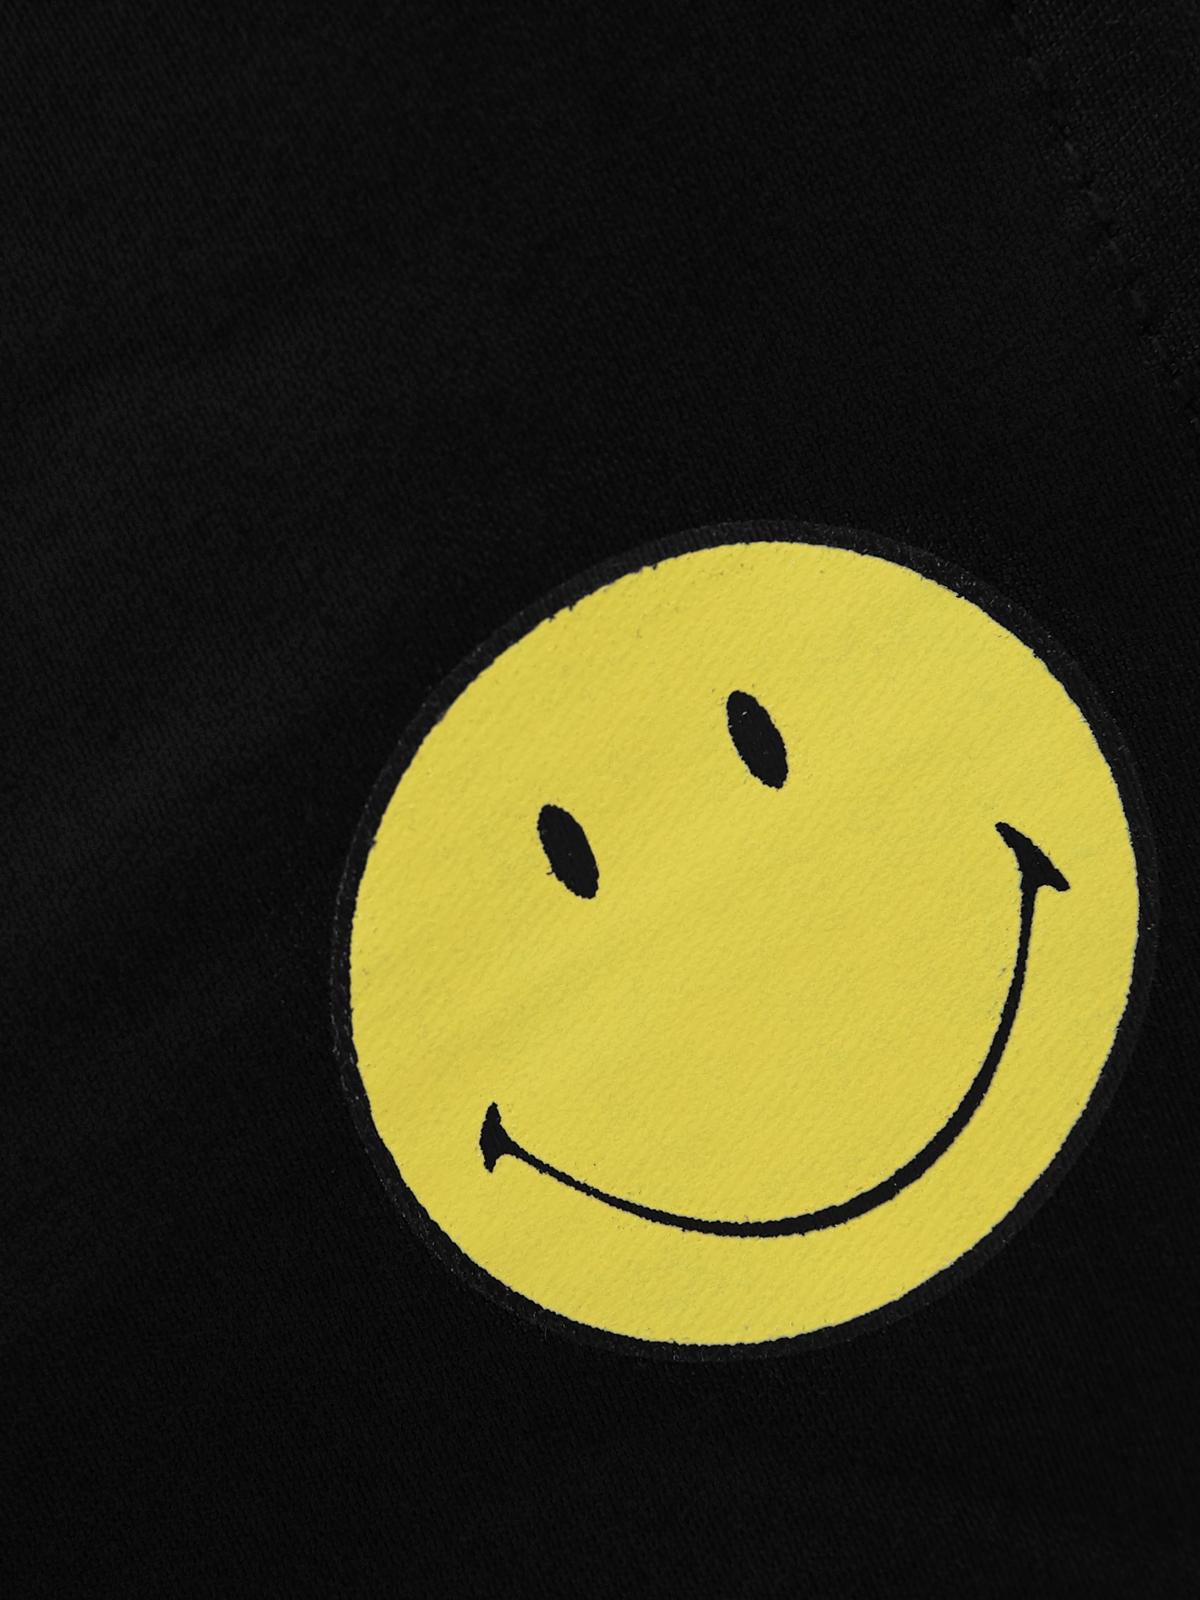 Pomelo X Smiley Smile Face Mask Black